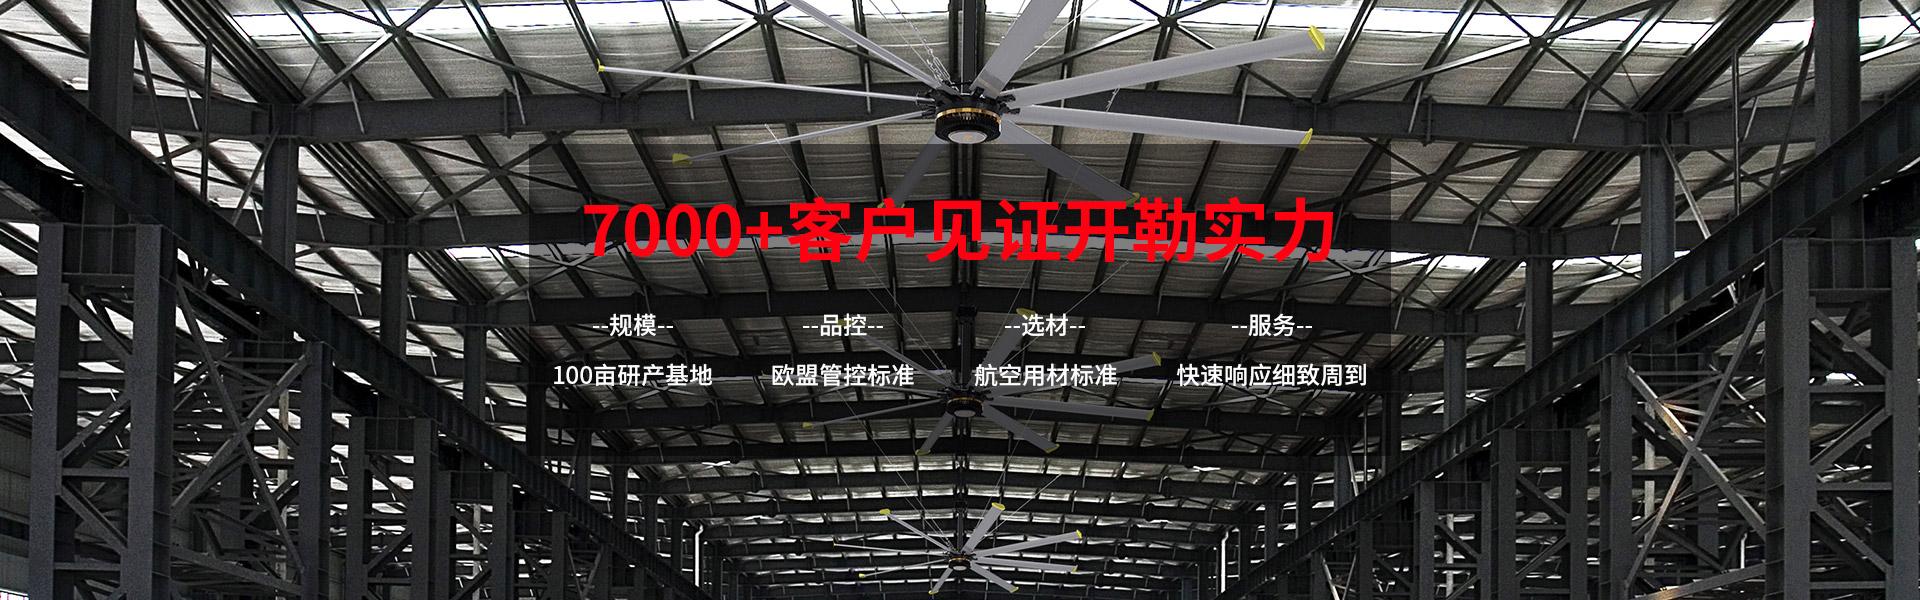 開勒環境科技(上海)股份有限公司